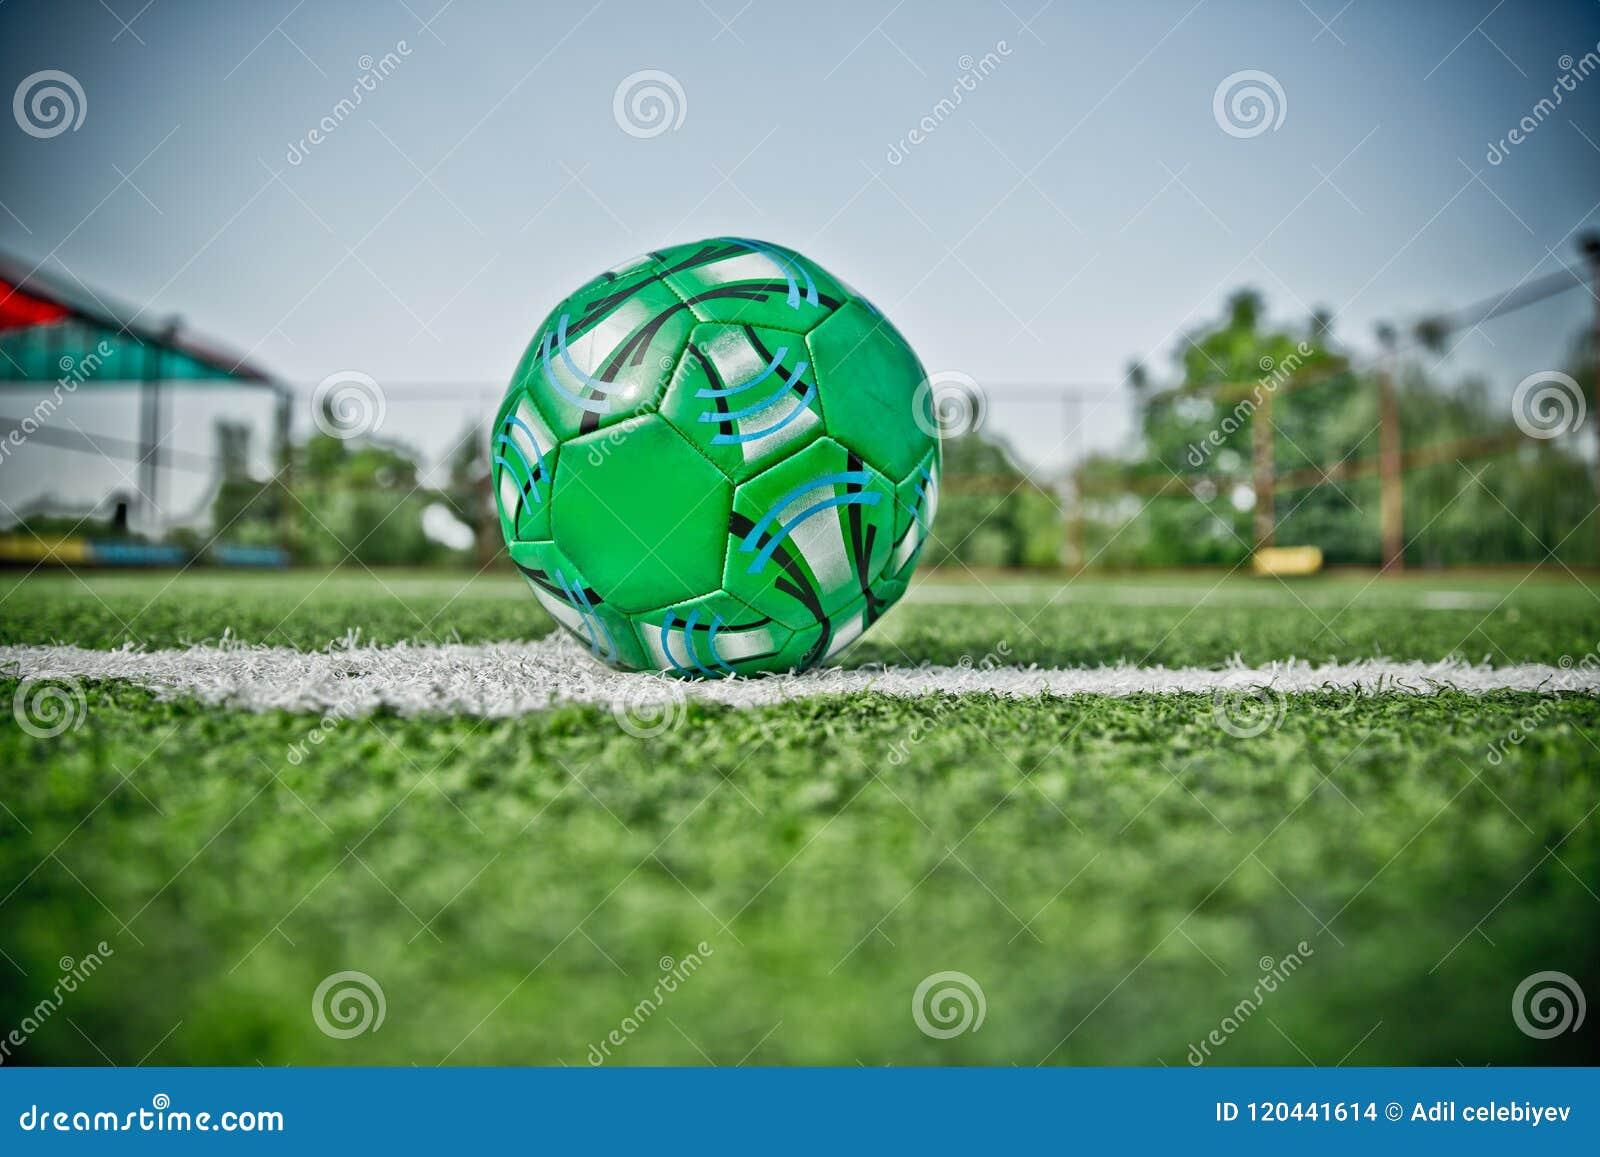 Мини цель футбола на искусственной траве Внутри крытого футбольного поля Мини футбольный мяч фото hdr